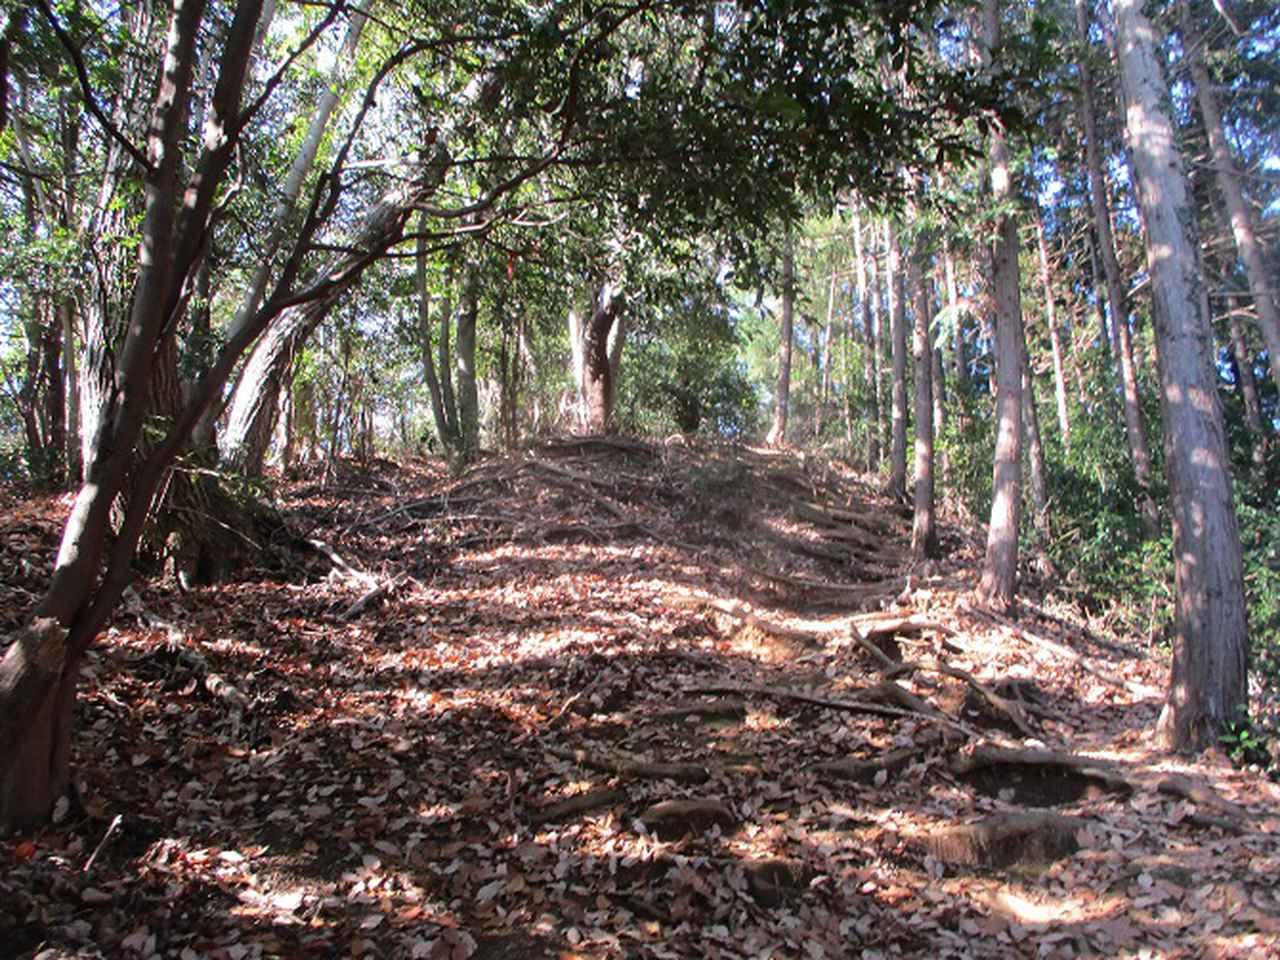 画像2: 1月3日と4日に山旅会現地集合 「駒木野から八王子城址」 ツアーに行ってきました!